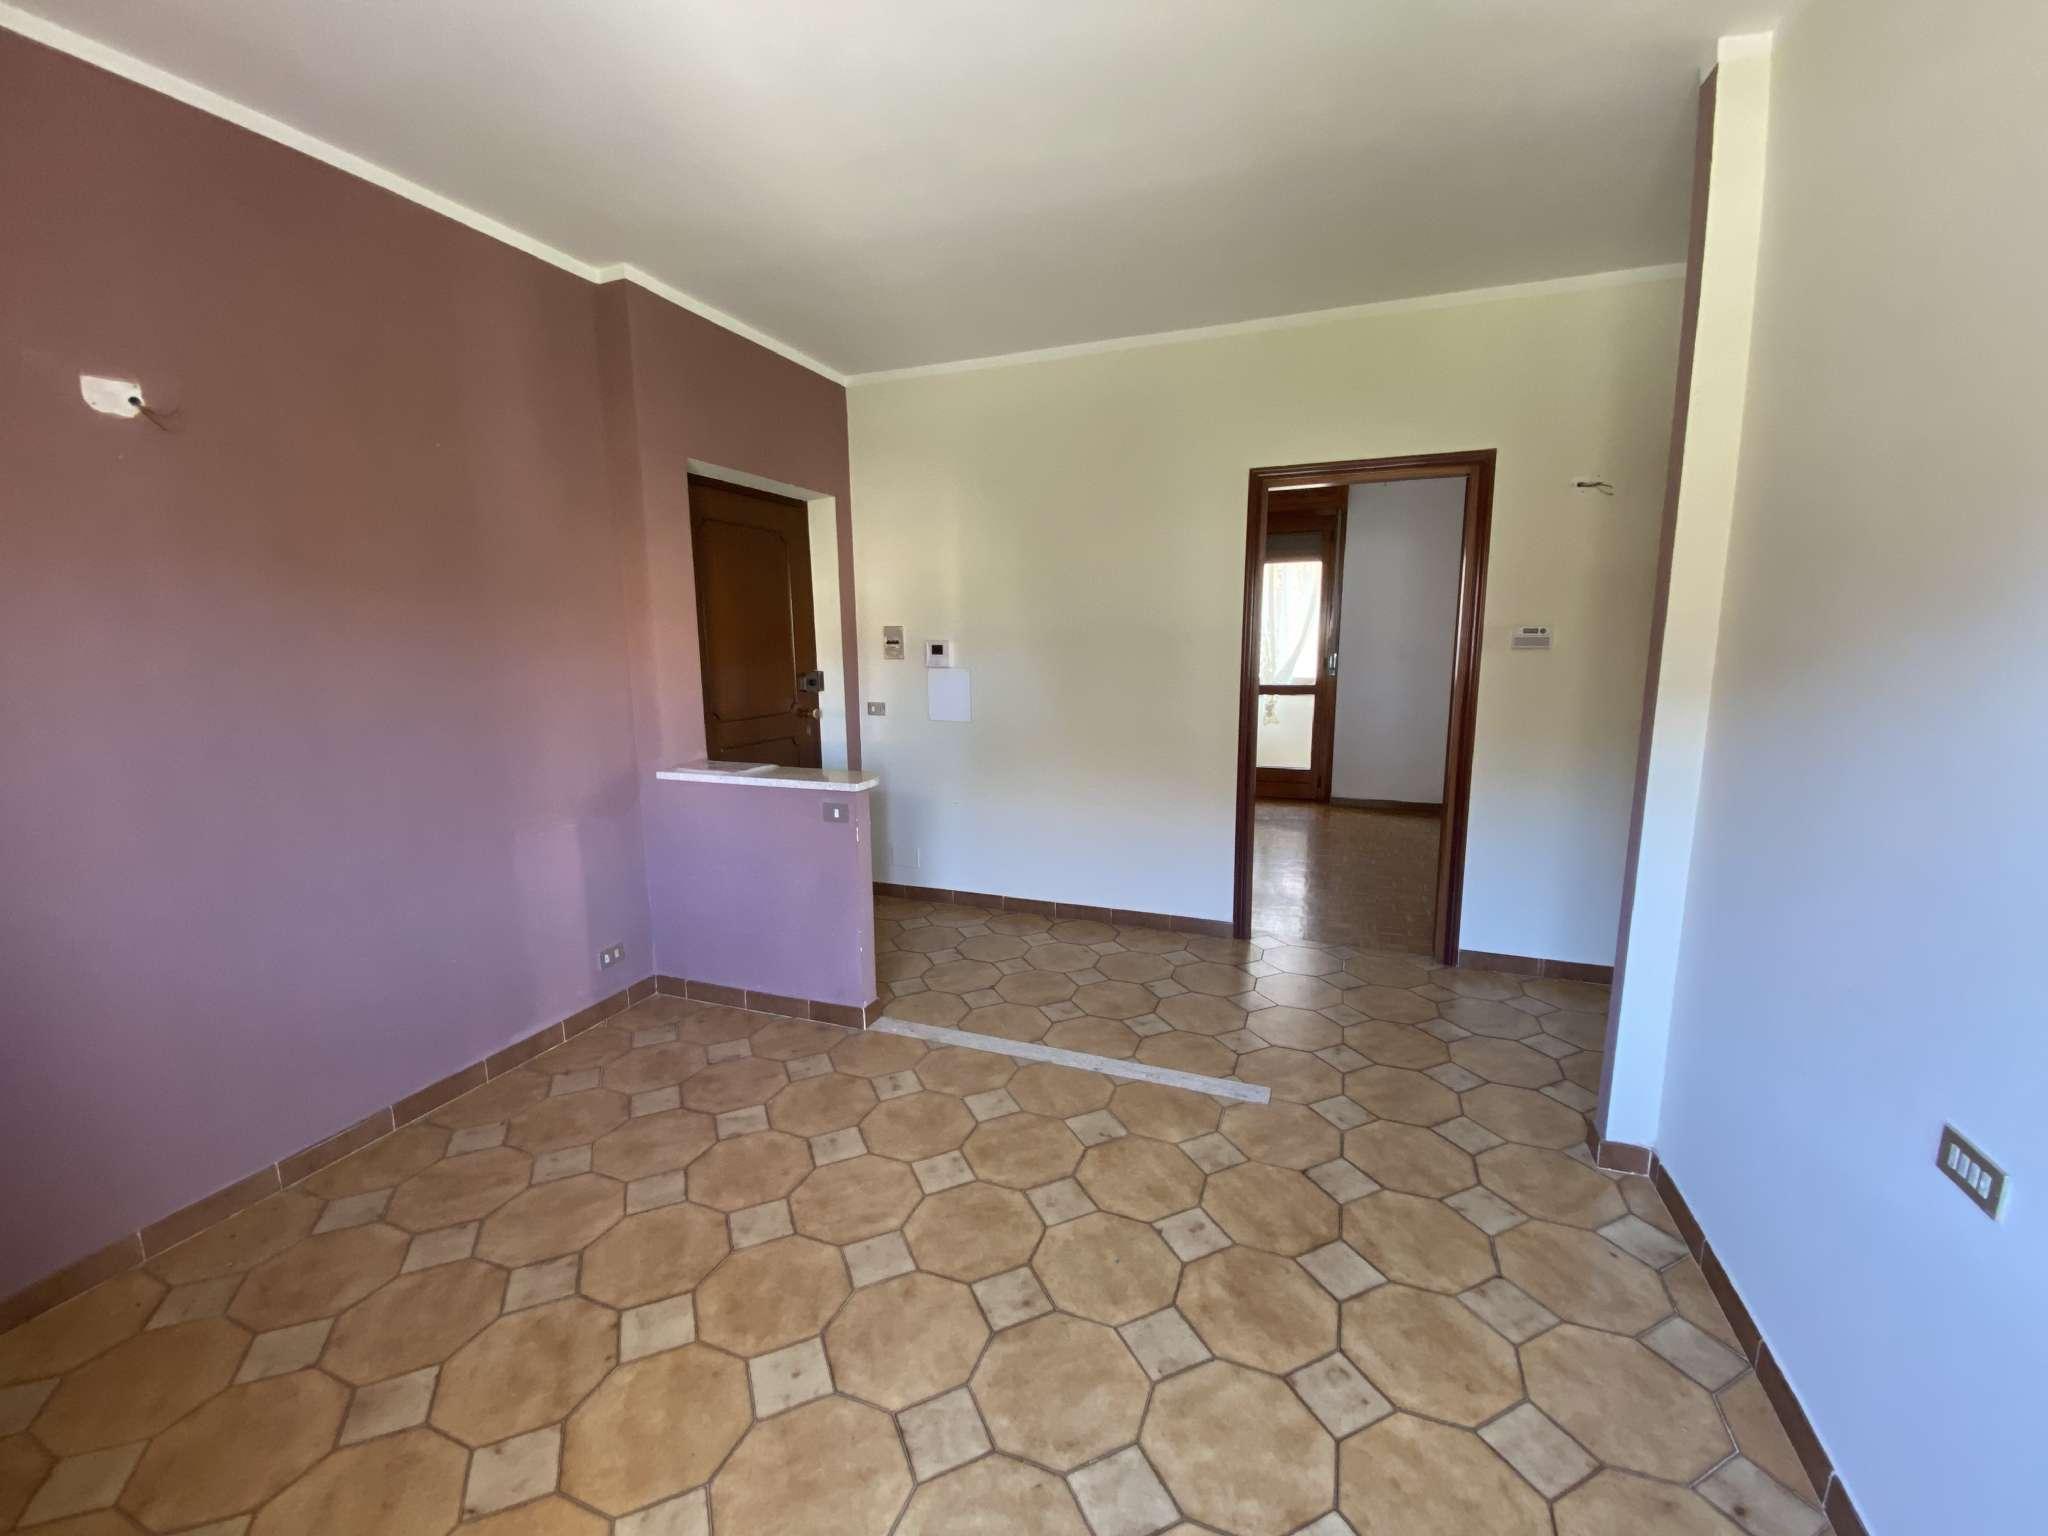 Appartamento in vendita a Cuneo, 5 locali, prezzo € 135.000 | CambioCasa.it